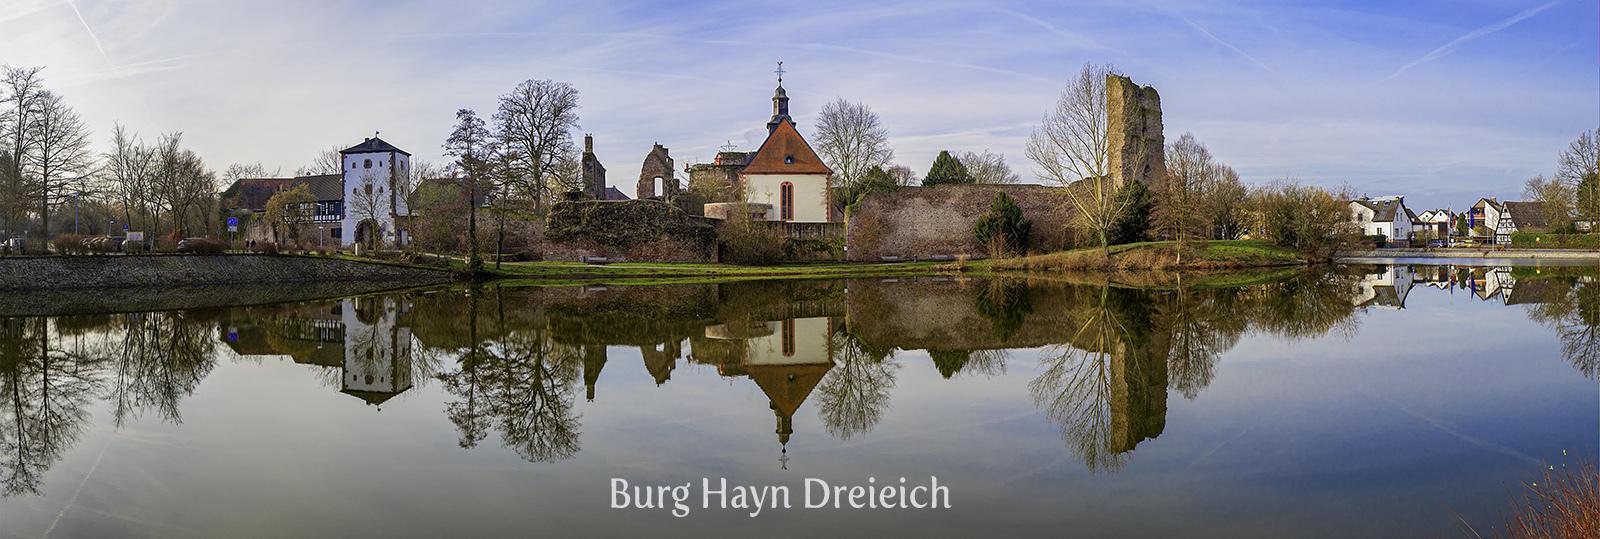 Dreieich ist die Heimat der Burg Hayn